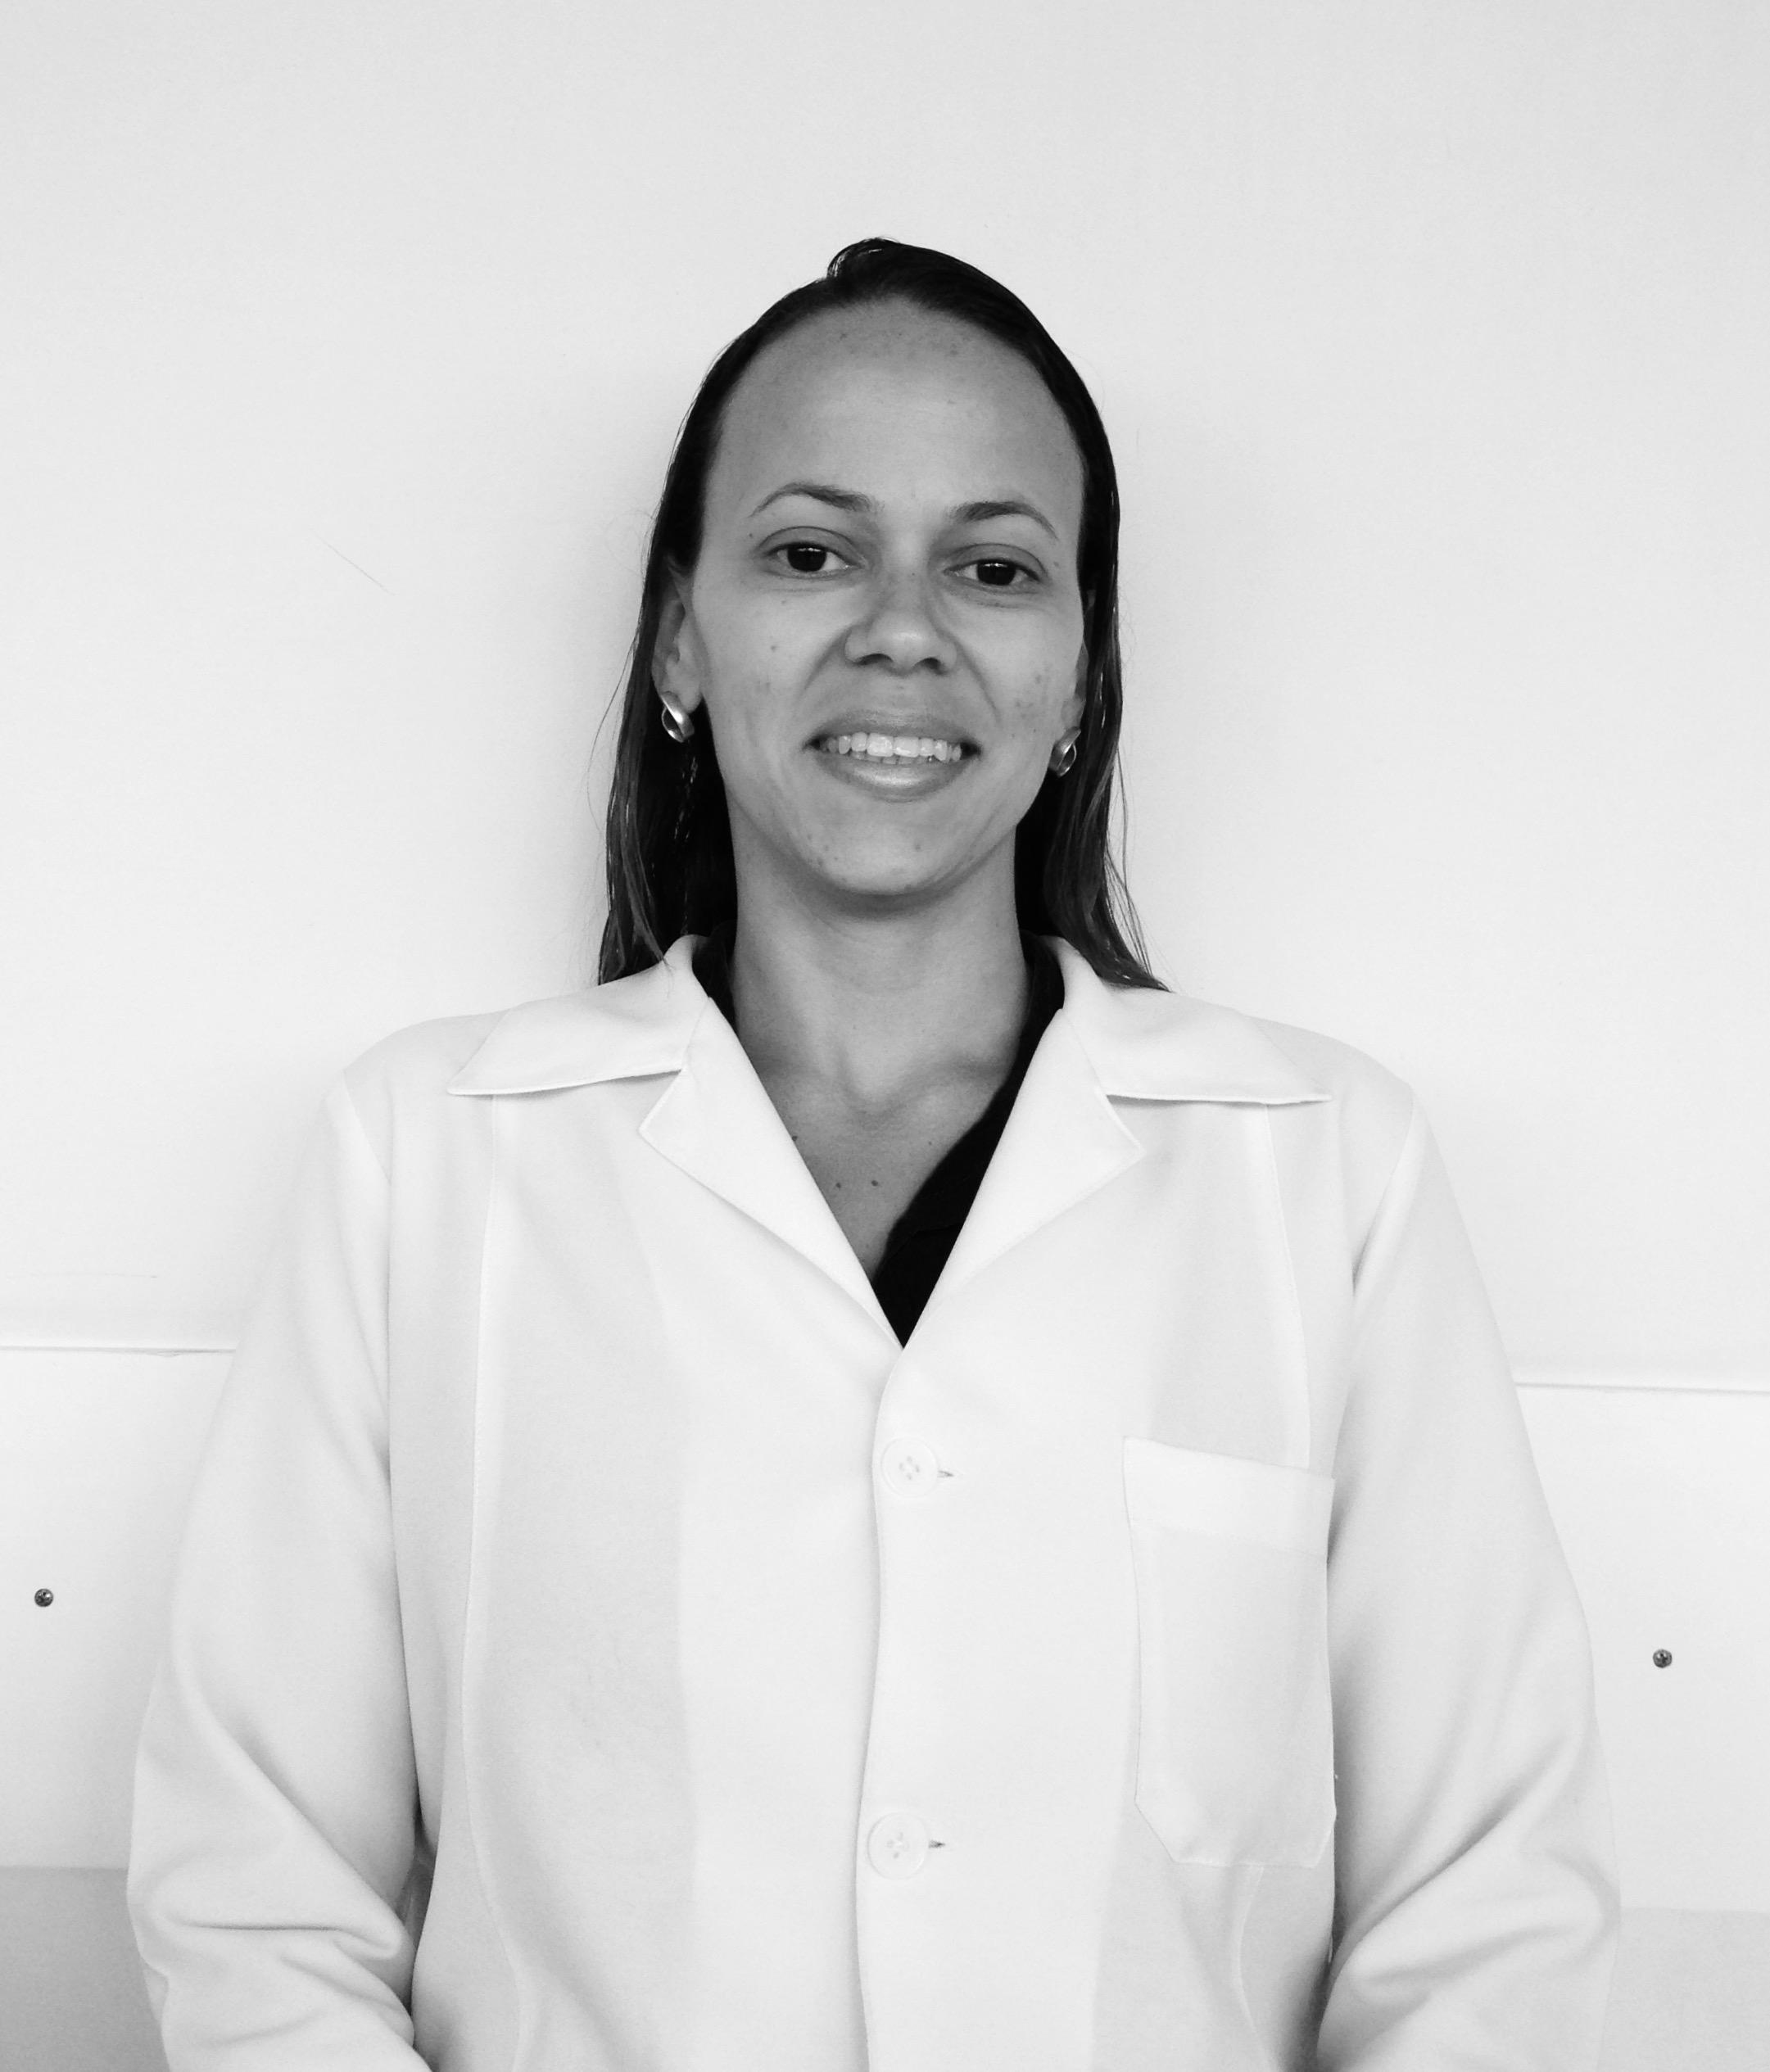 Kaesa Rodrigues-Téc. de enfermagem